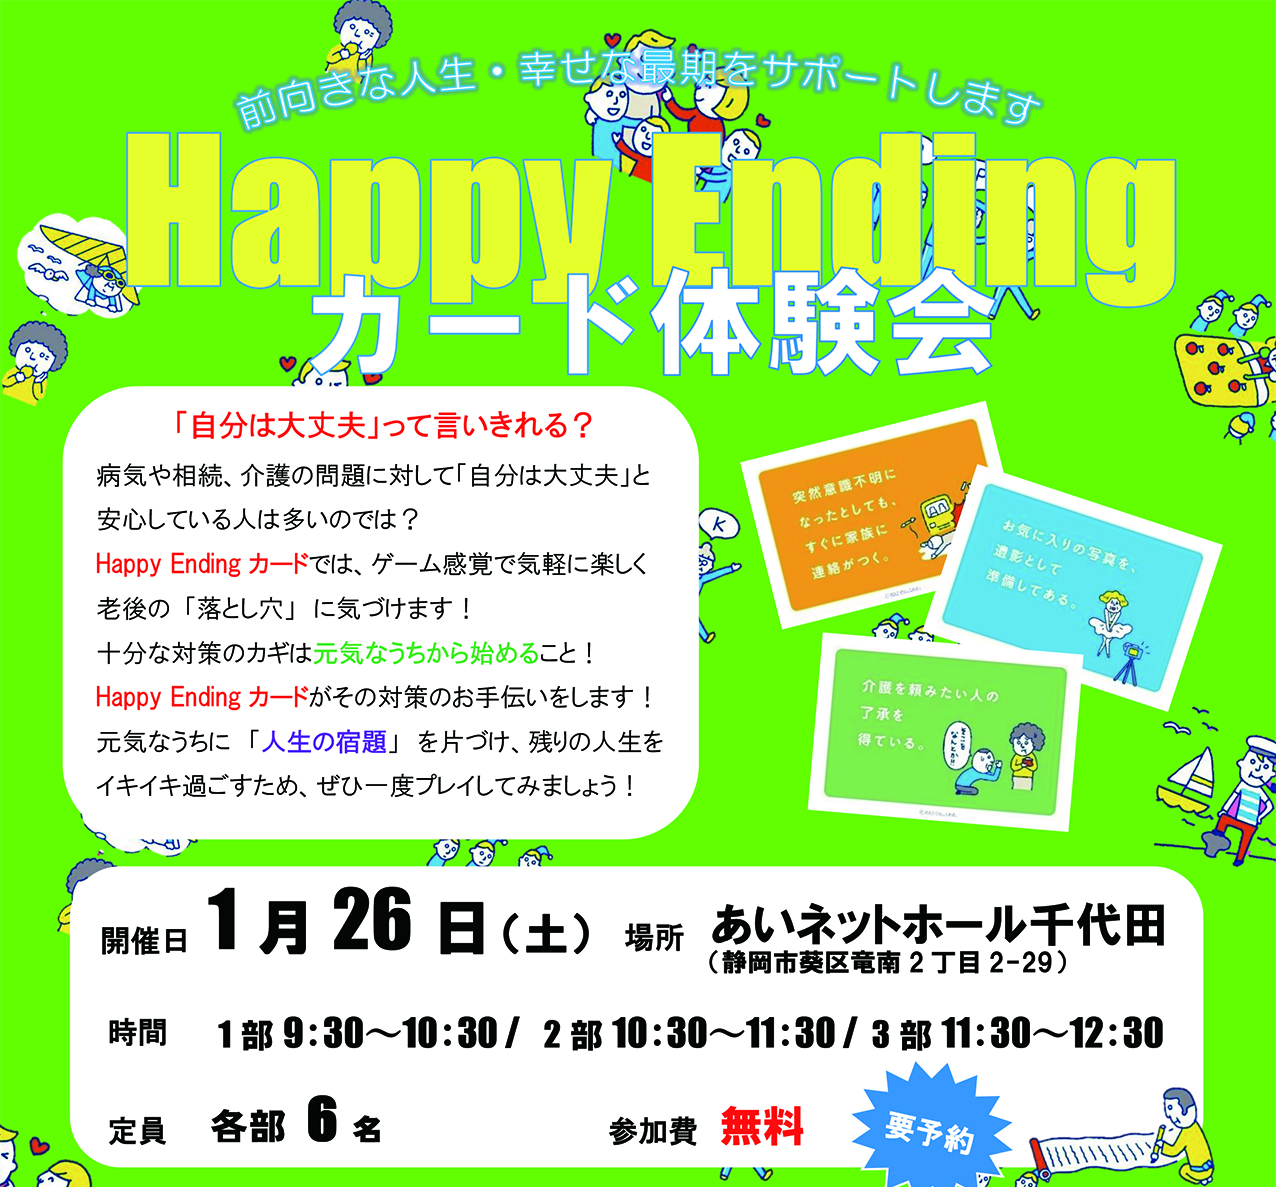 【残り1部2部のみ】Happy Ending カード無料体験会in千代田